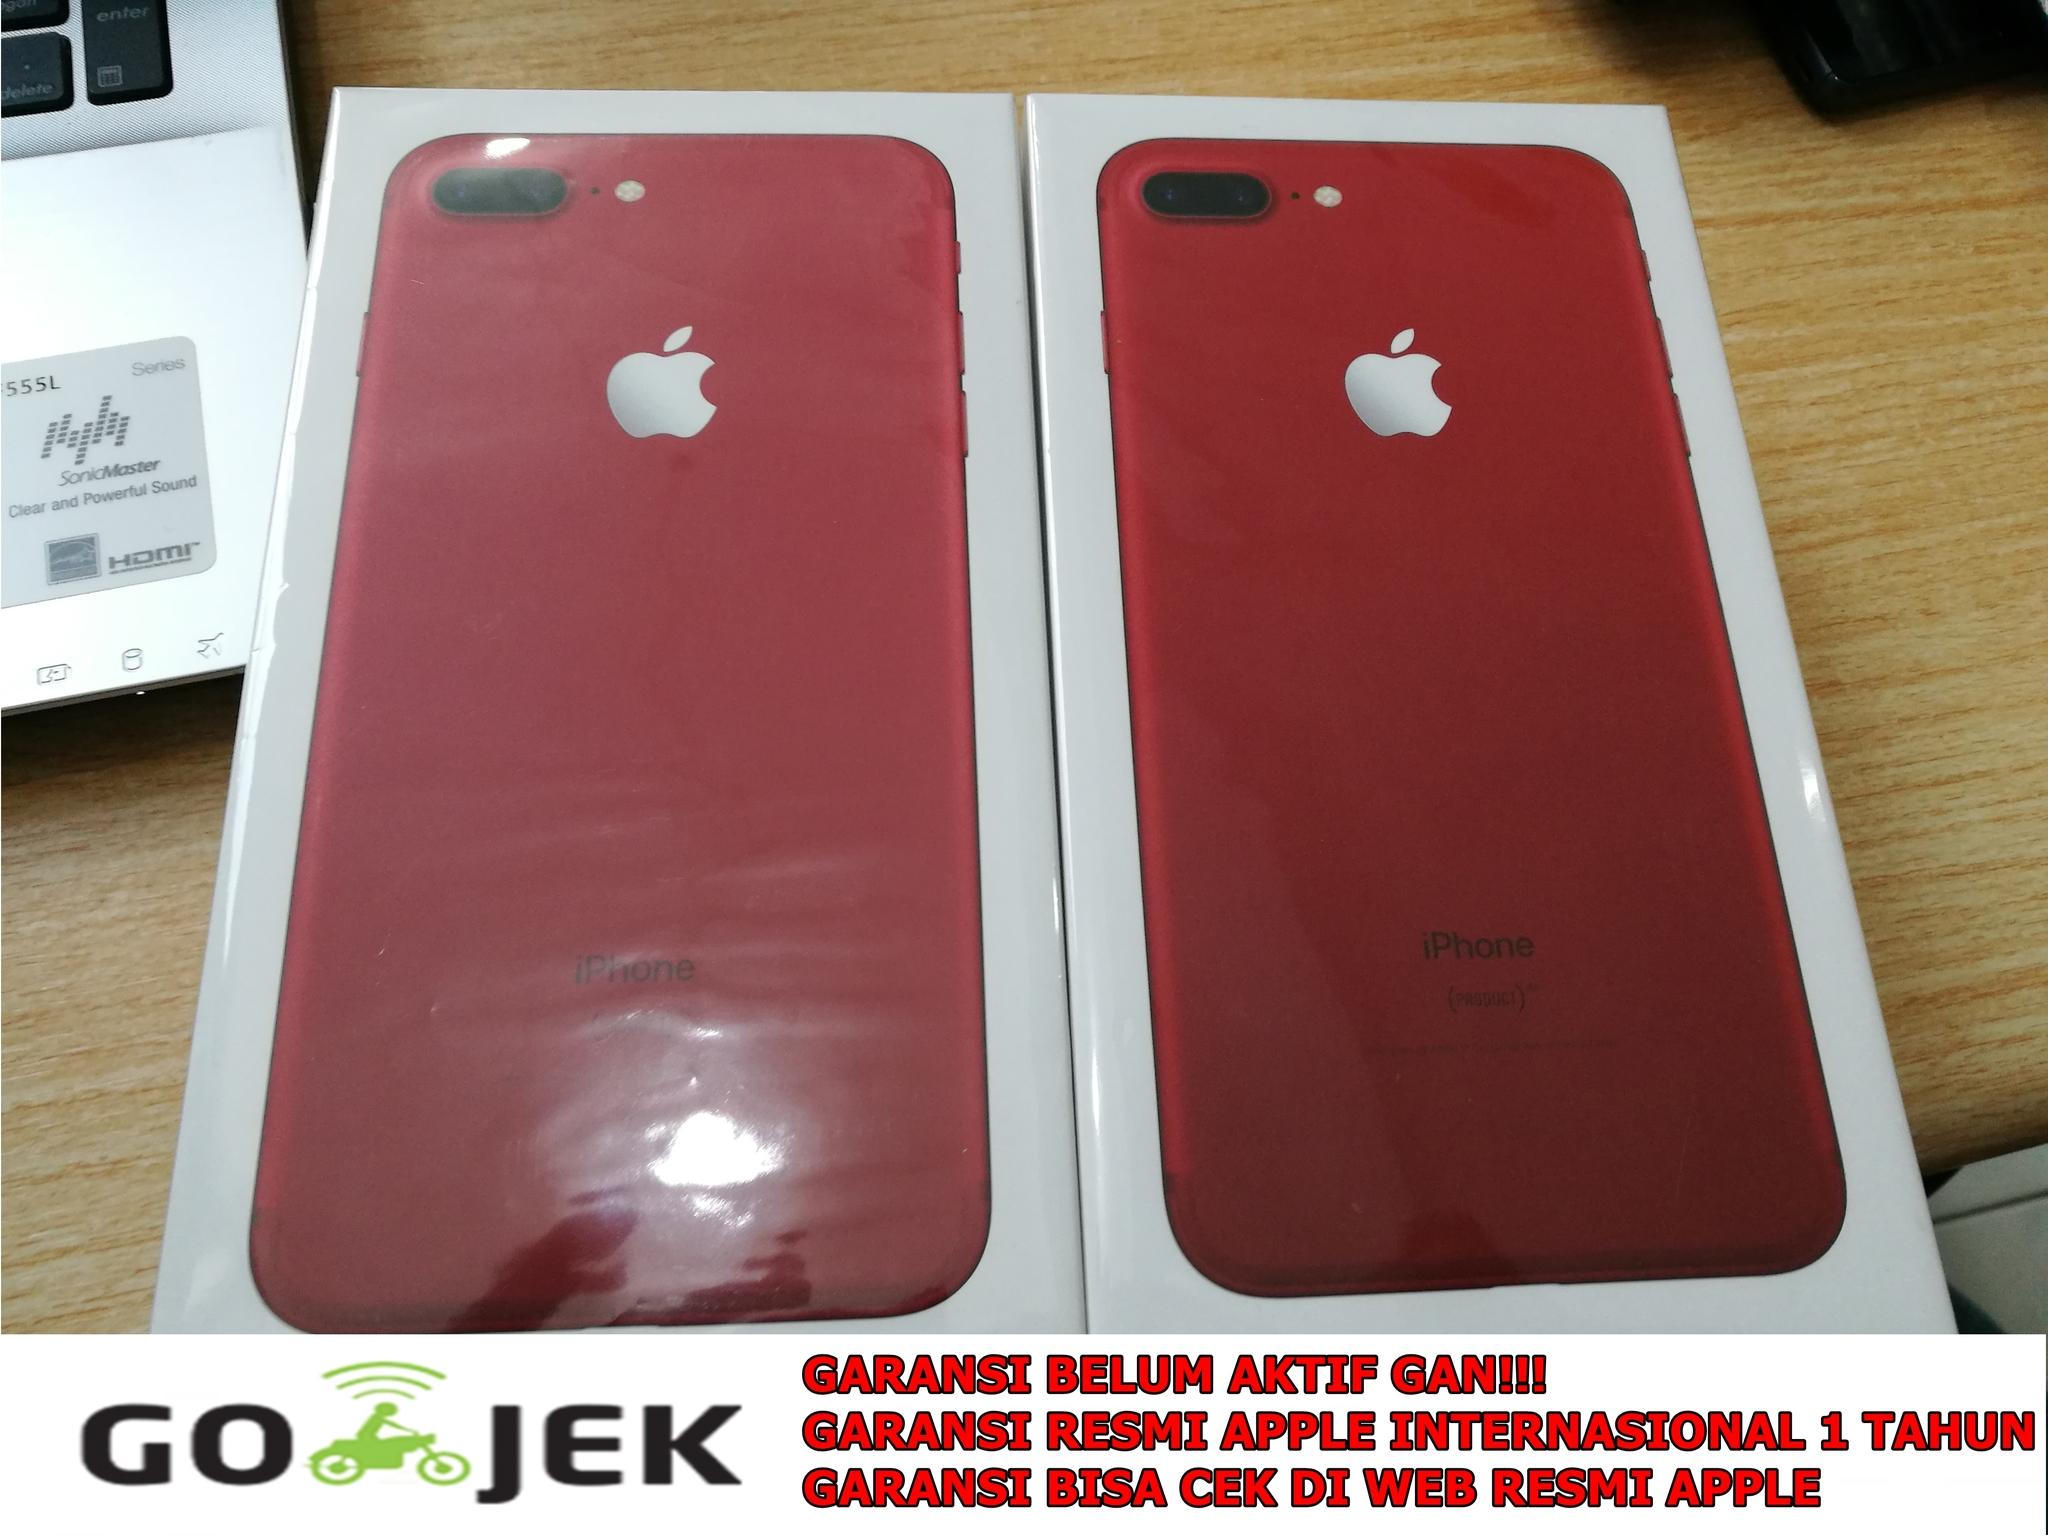 Jual Bnib Iphone 7 Plus 128gb Red Garansi Resmi Apple Edition Internasional 1year Jr Store Batam Tokopedia